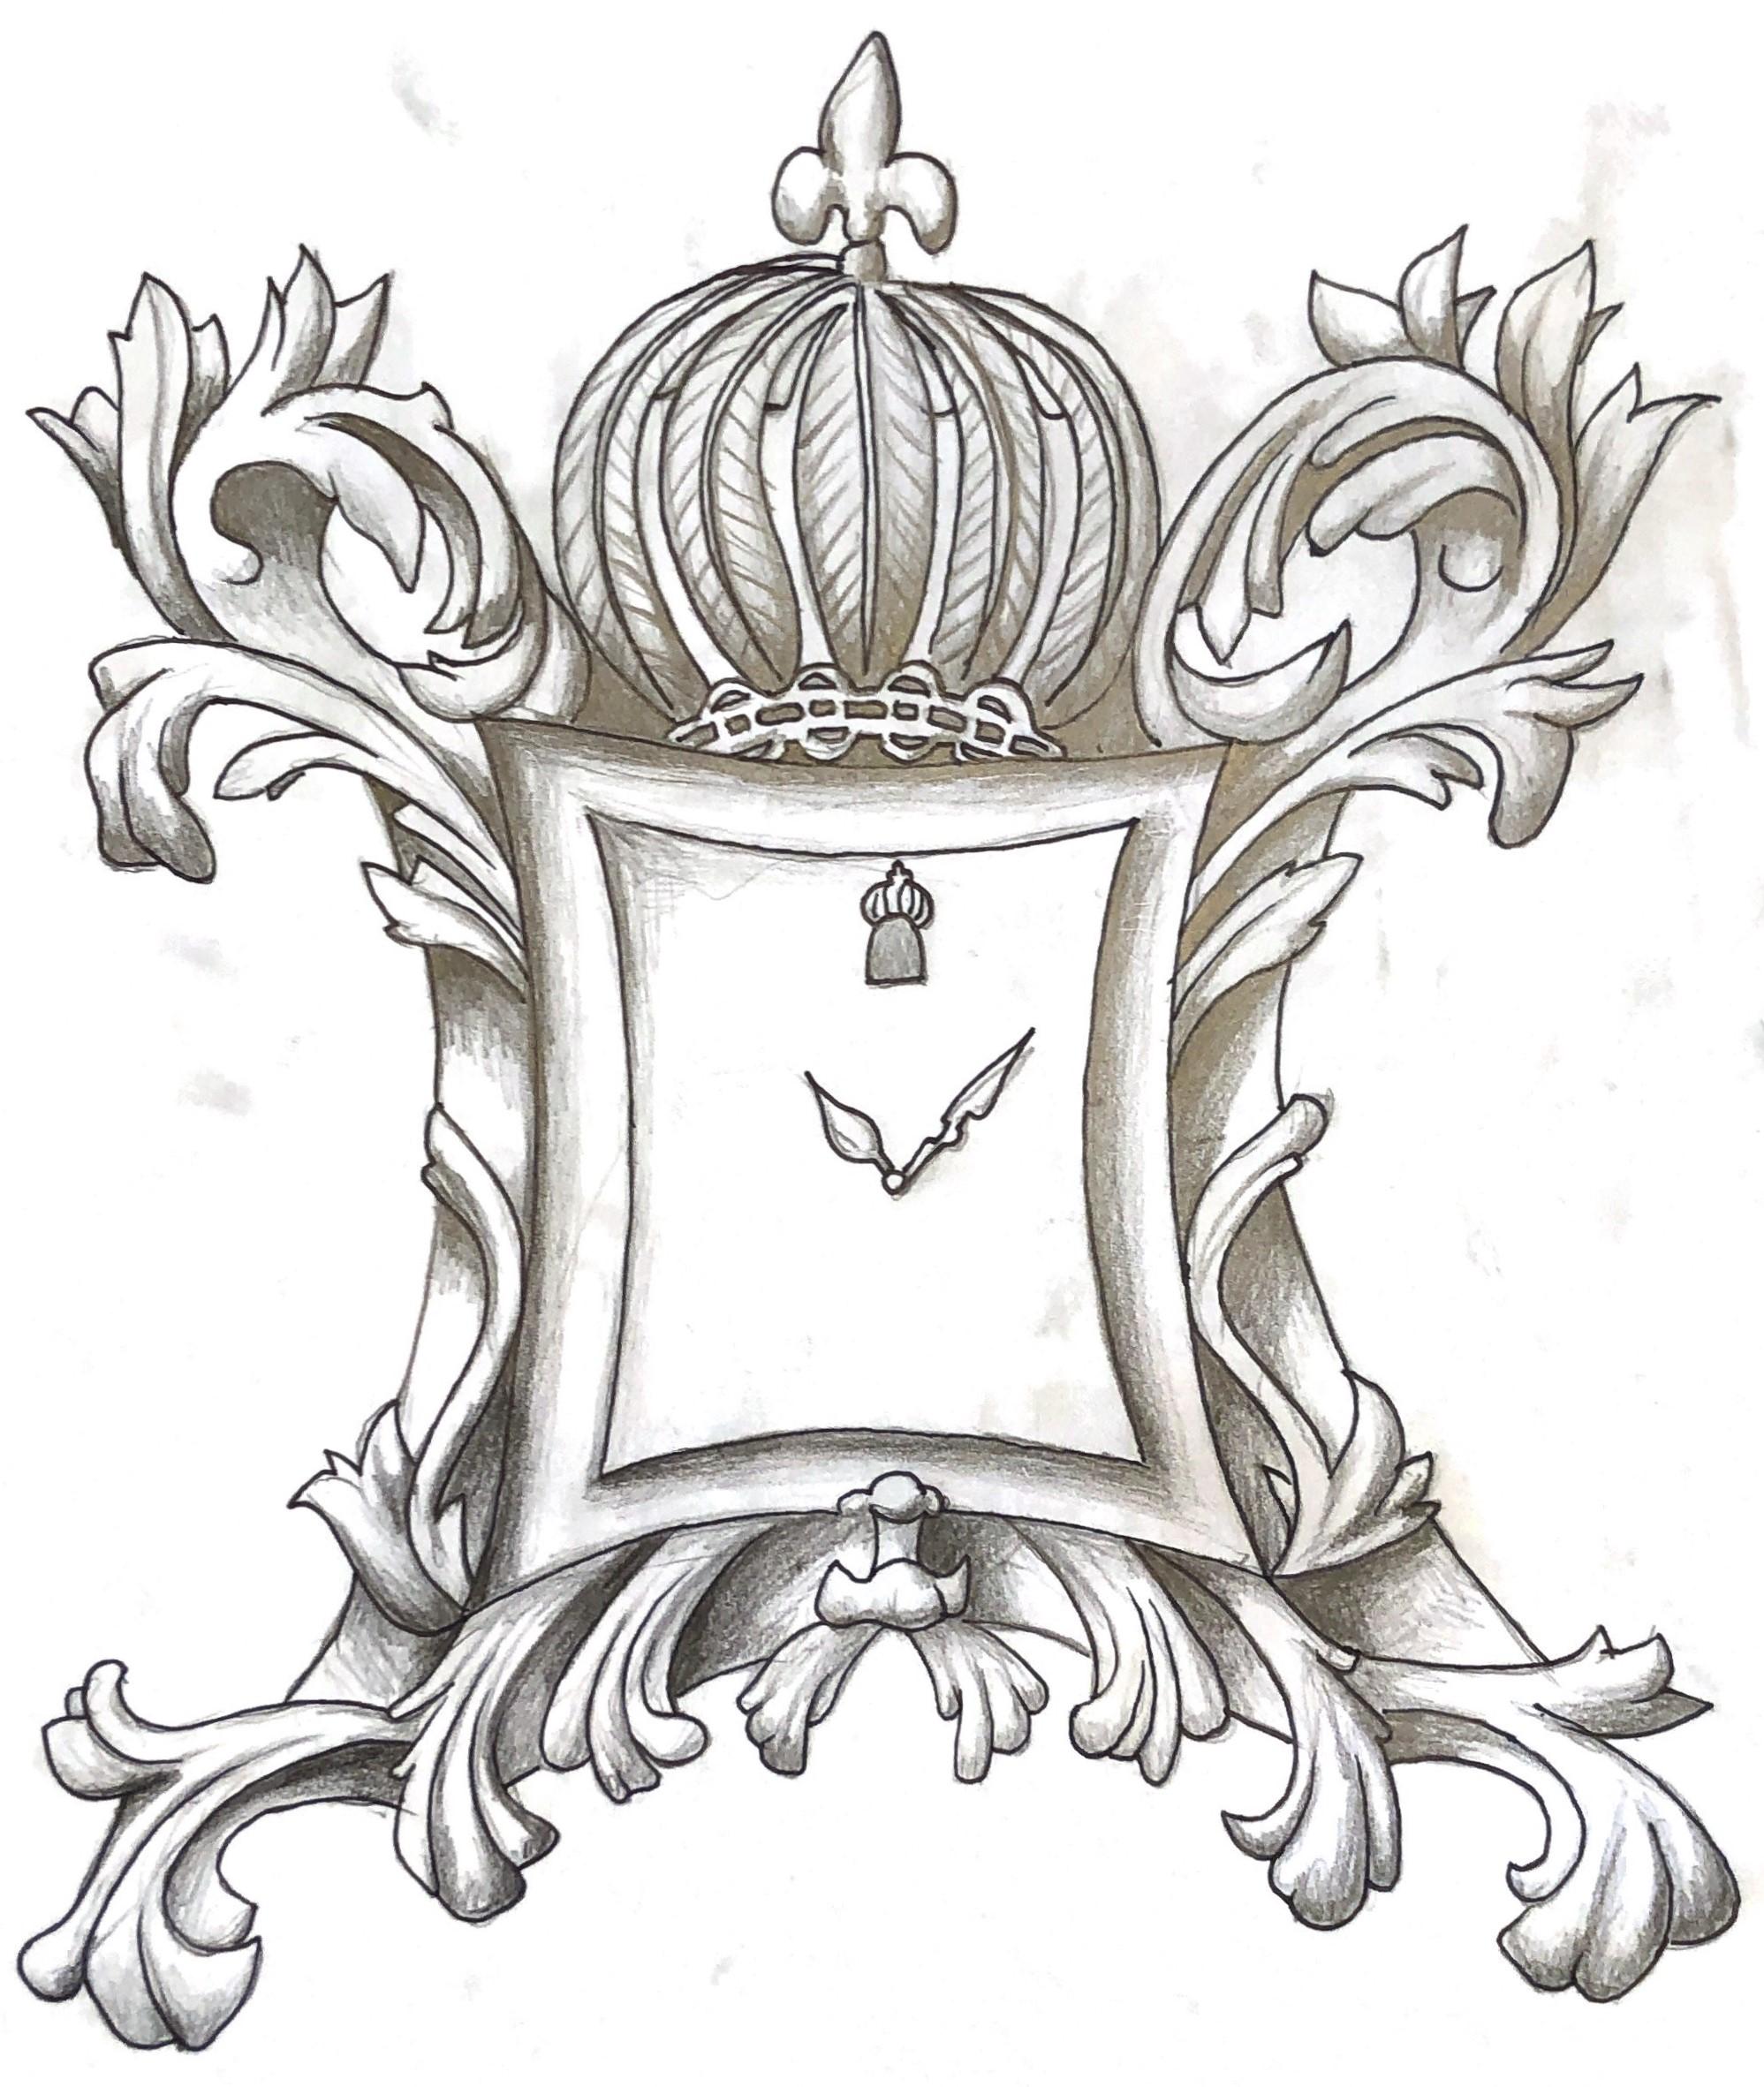 Pompöös Kuckucksuhr designed by Harald Glööckler